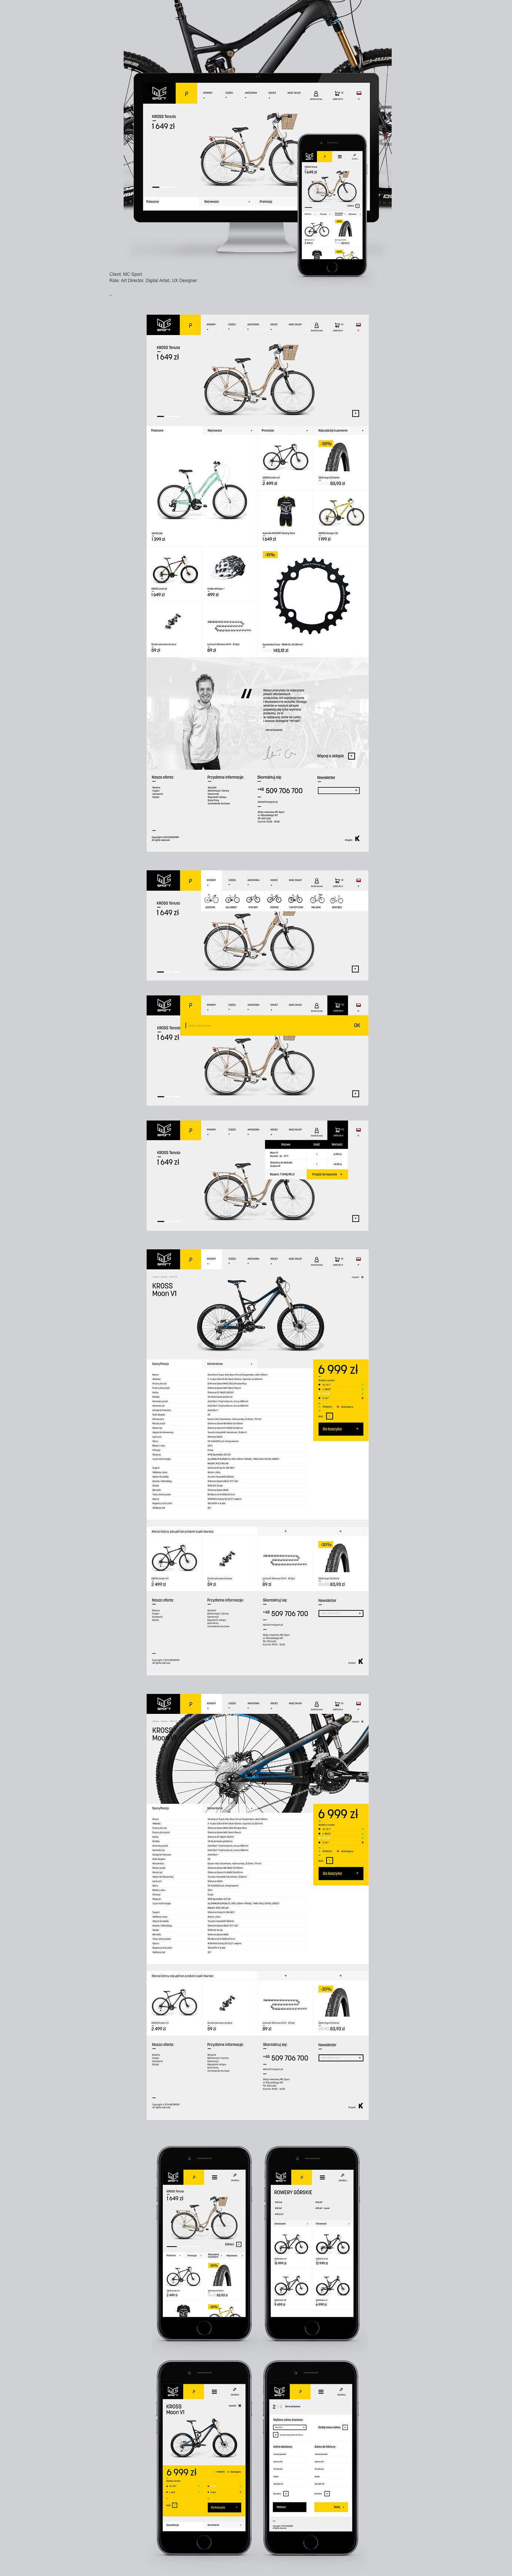 webdesign von Krzysztof Turek